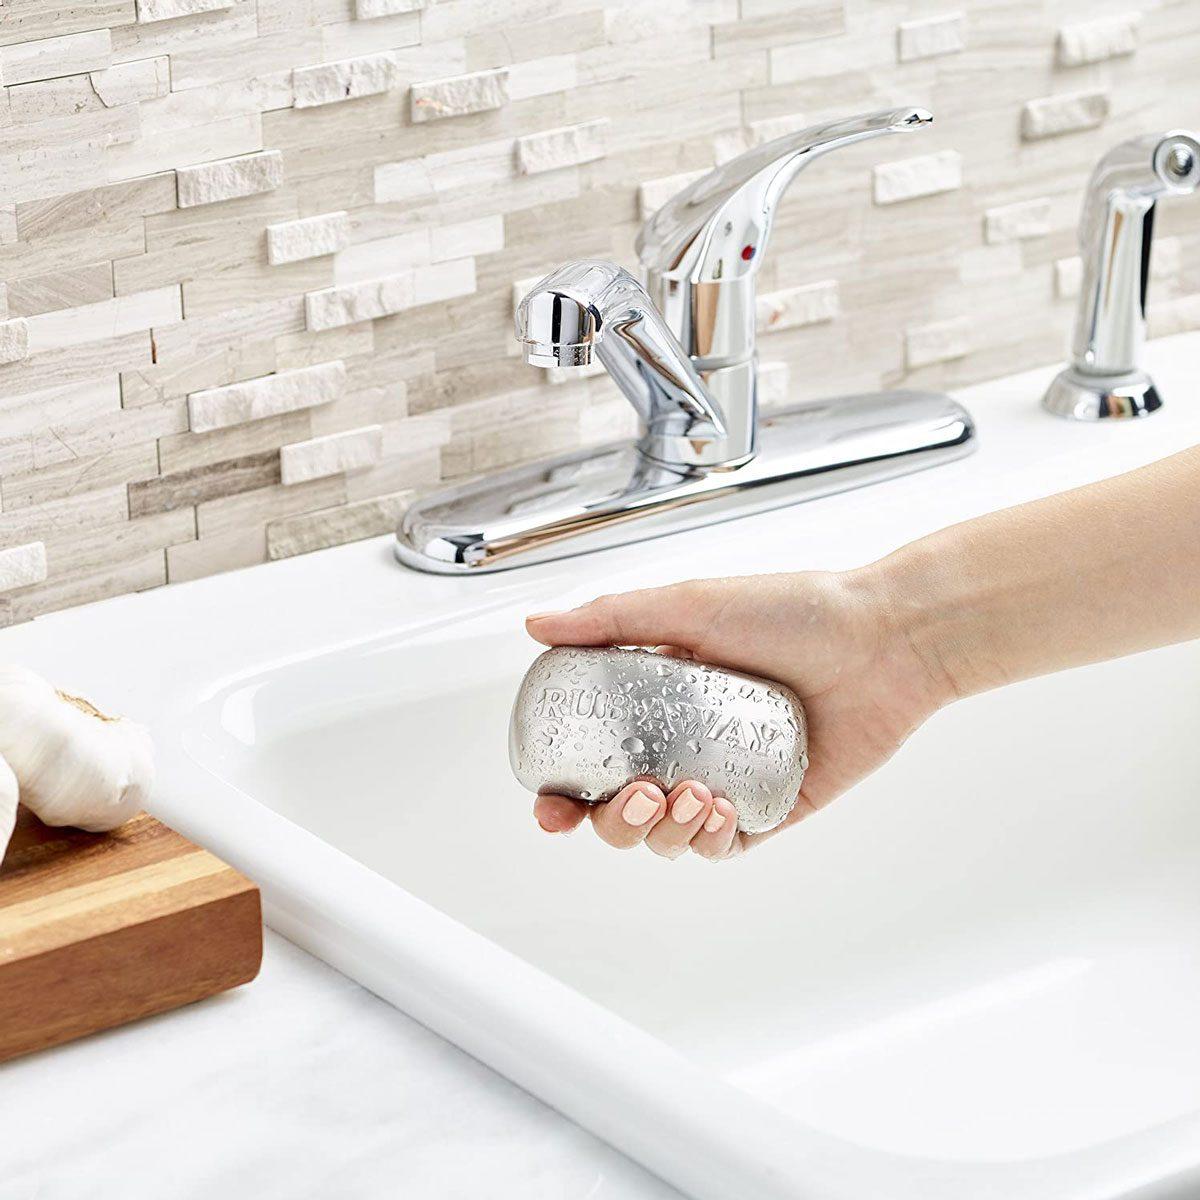 Metal soap bar